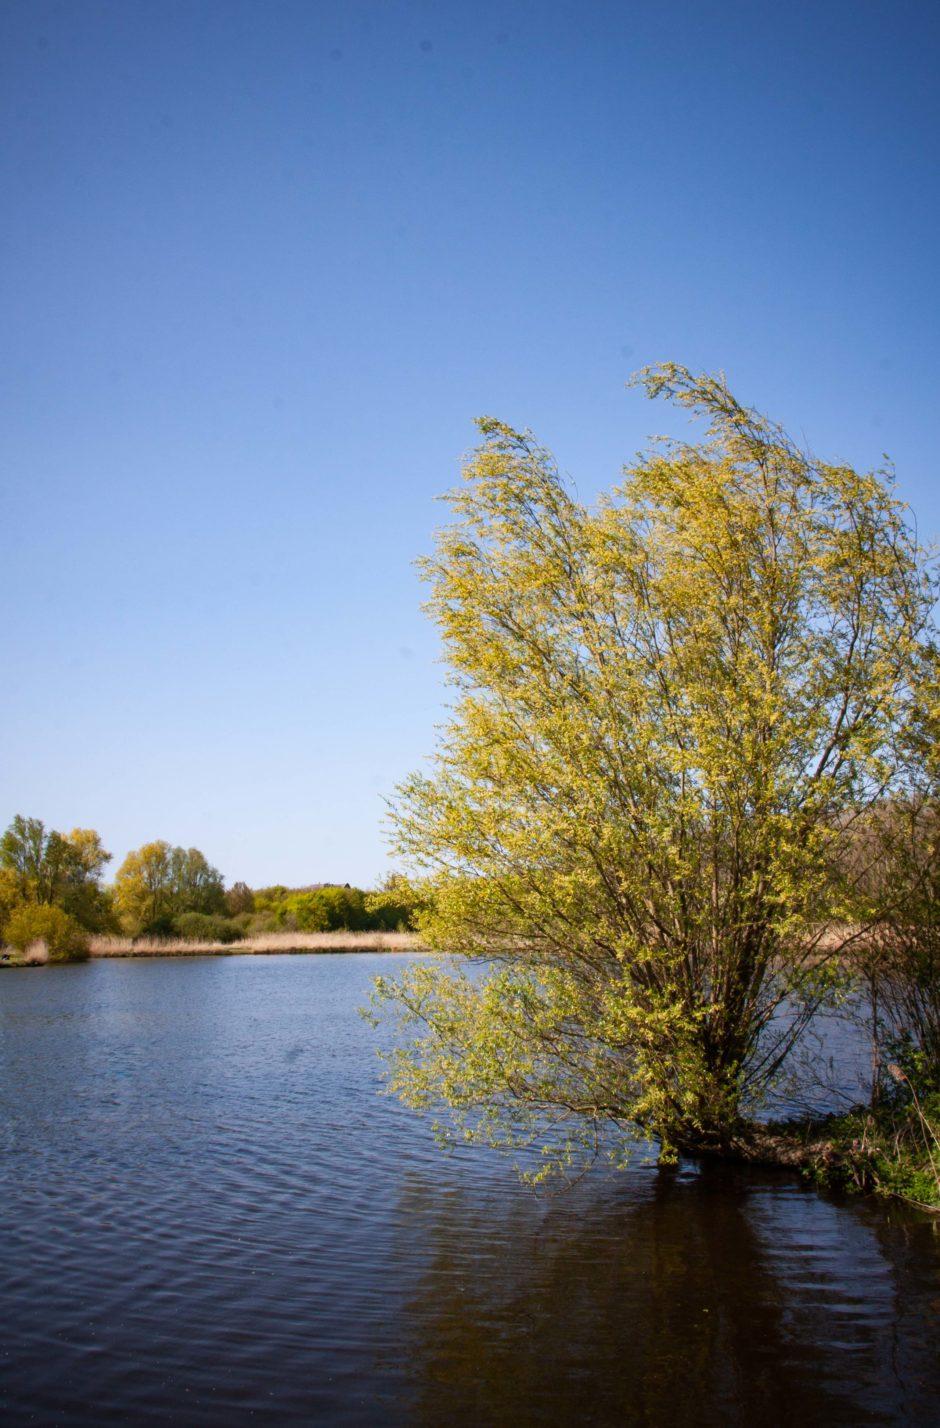 Vlietland groen water ruimte